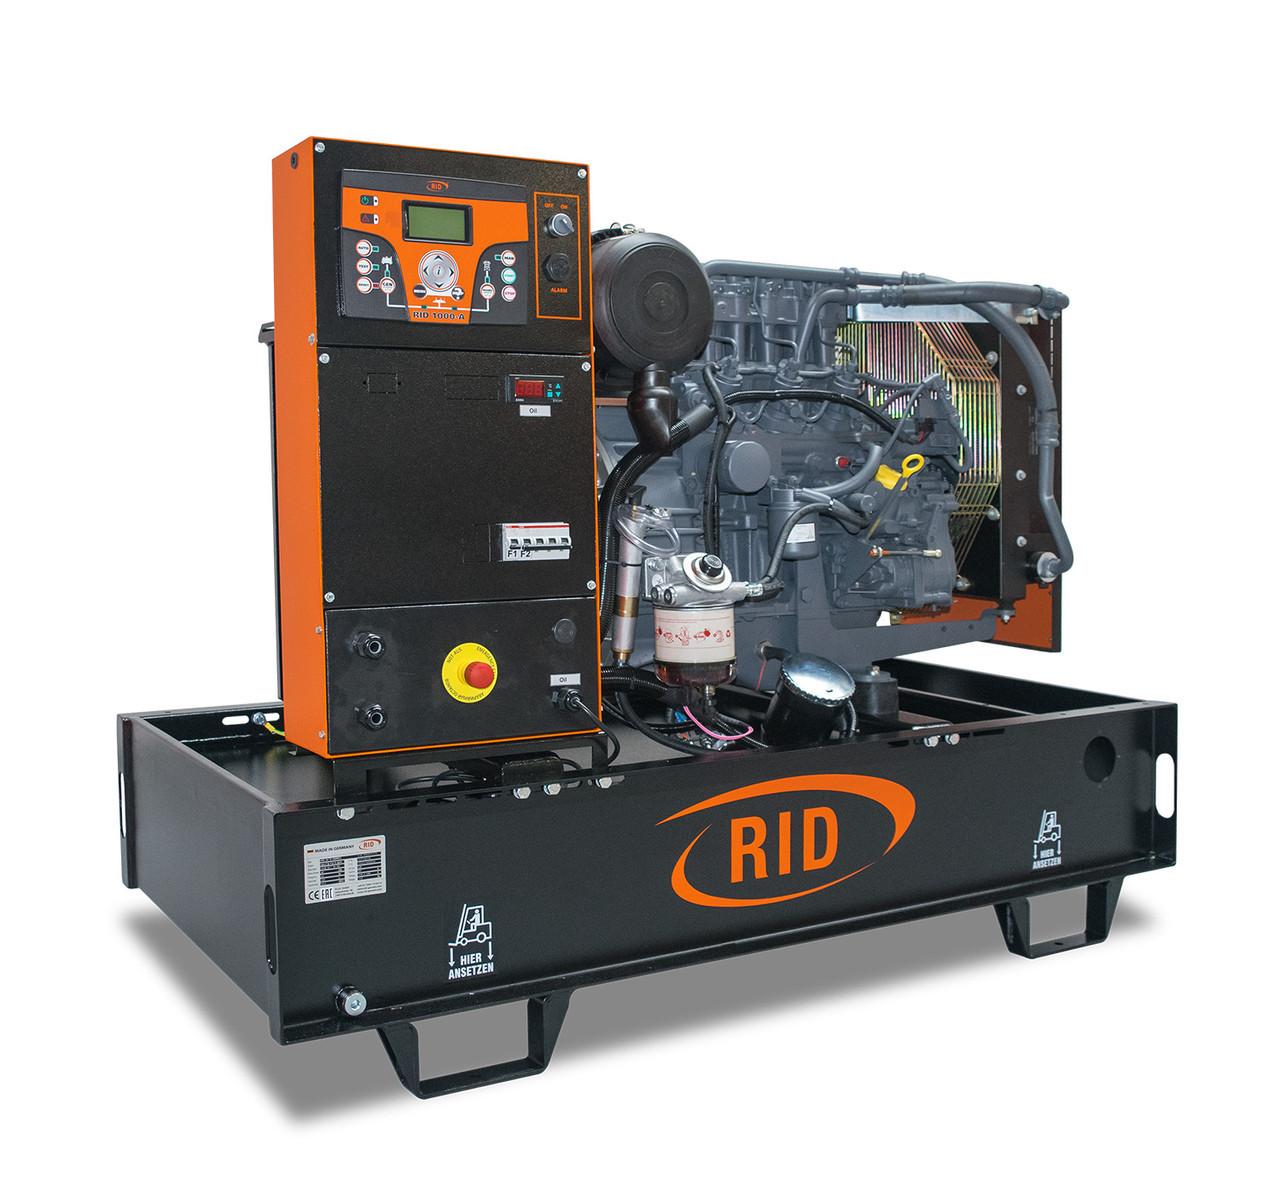 Трехфазный дизельный генератор RID 40 S-SERIES (32 кВт)